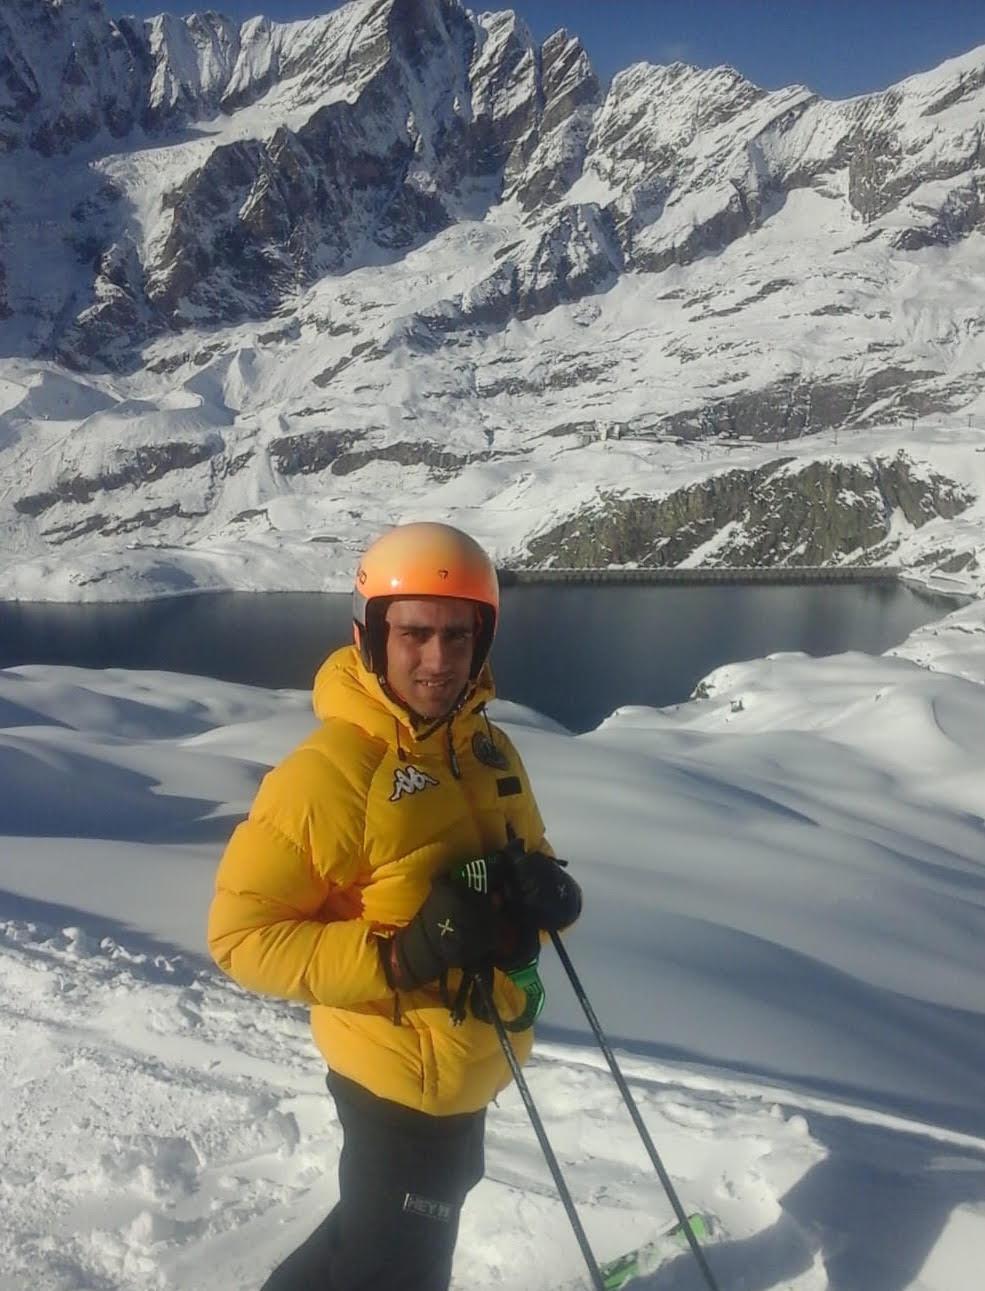 Il jastino Pierfrancesco Cococcioni diventerà Maestro di sci